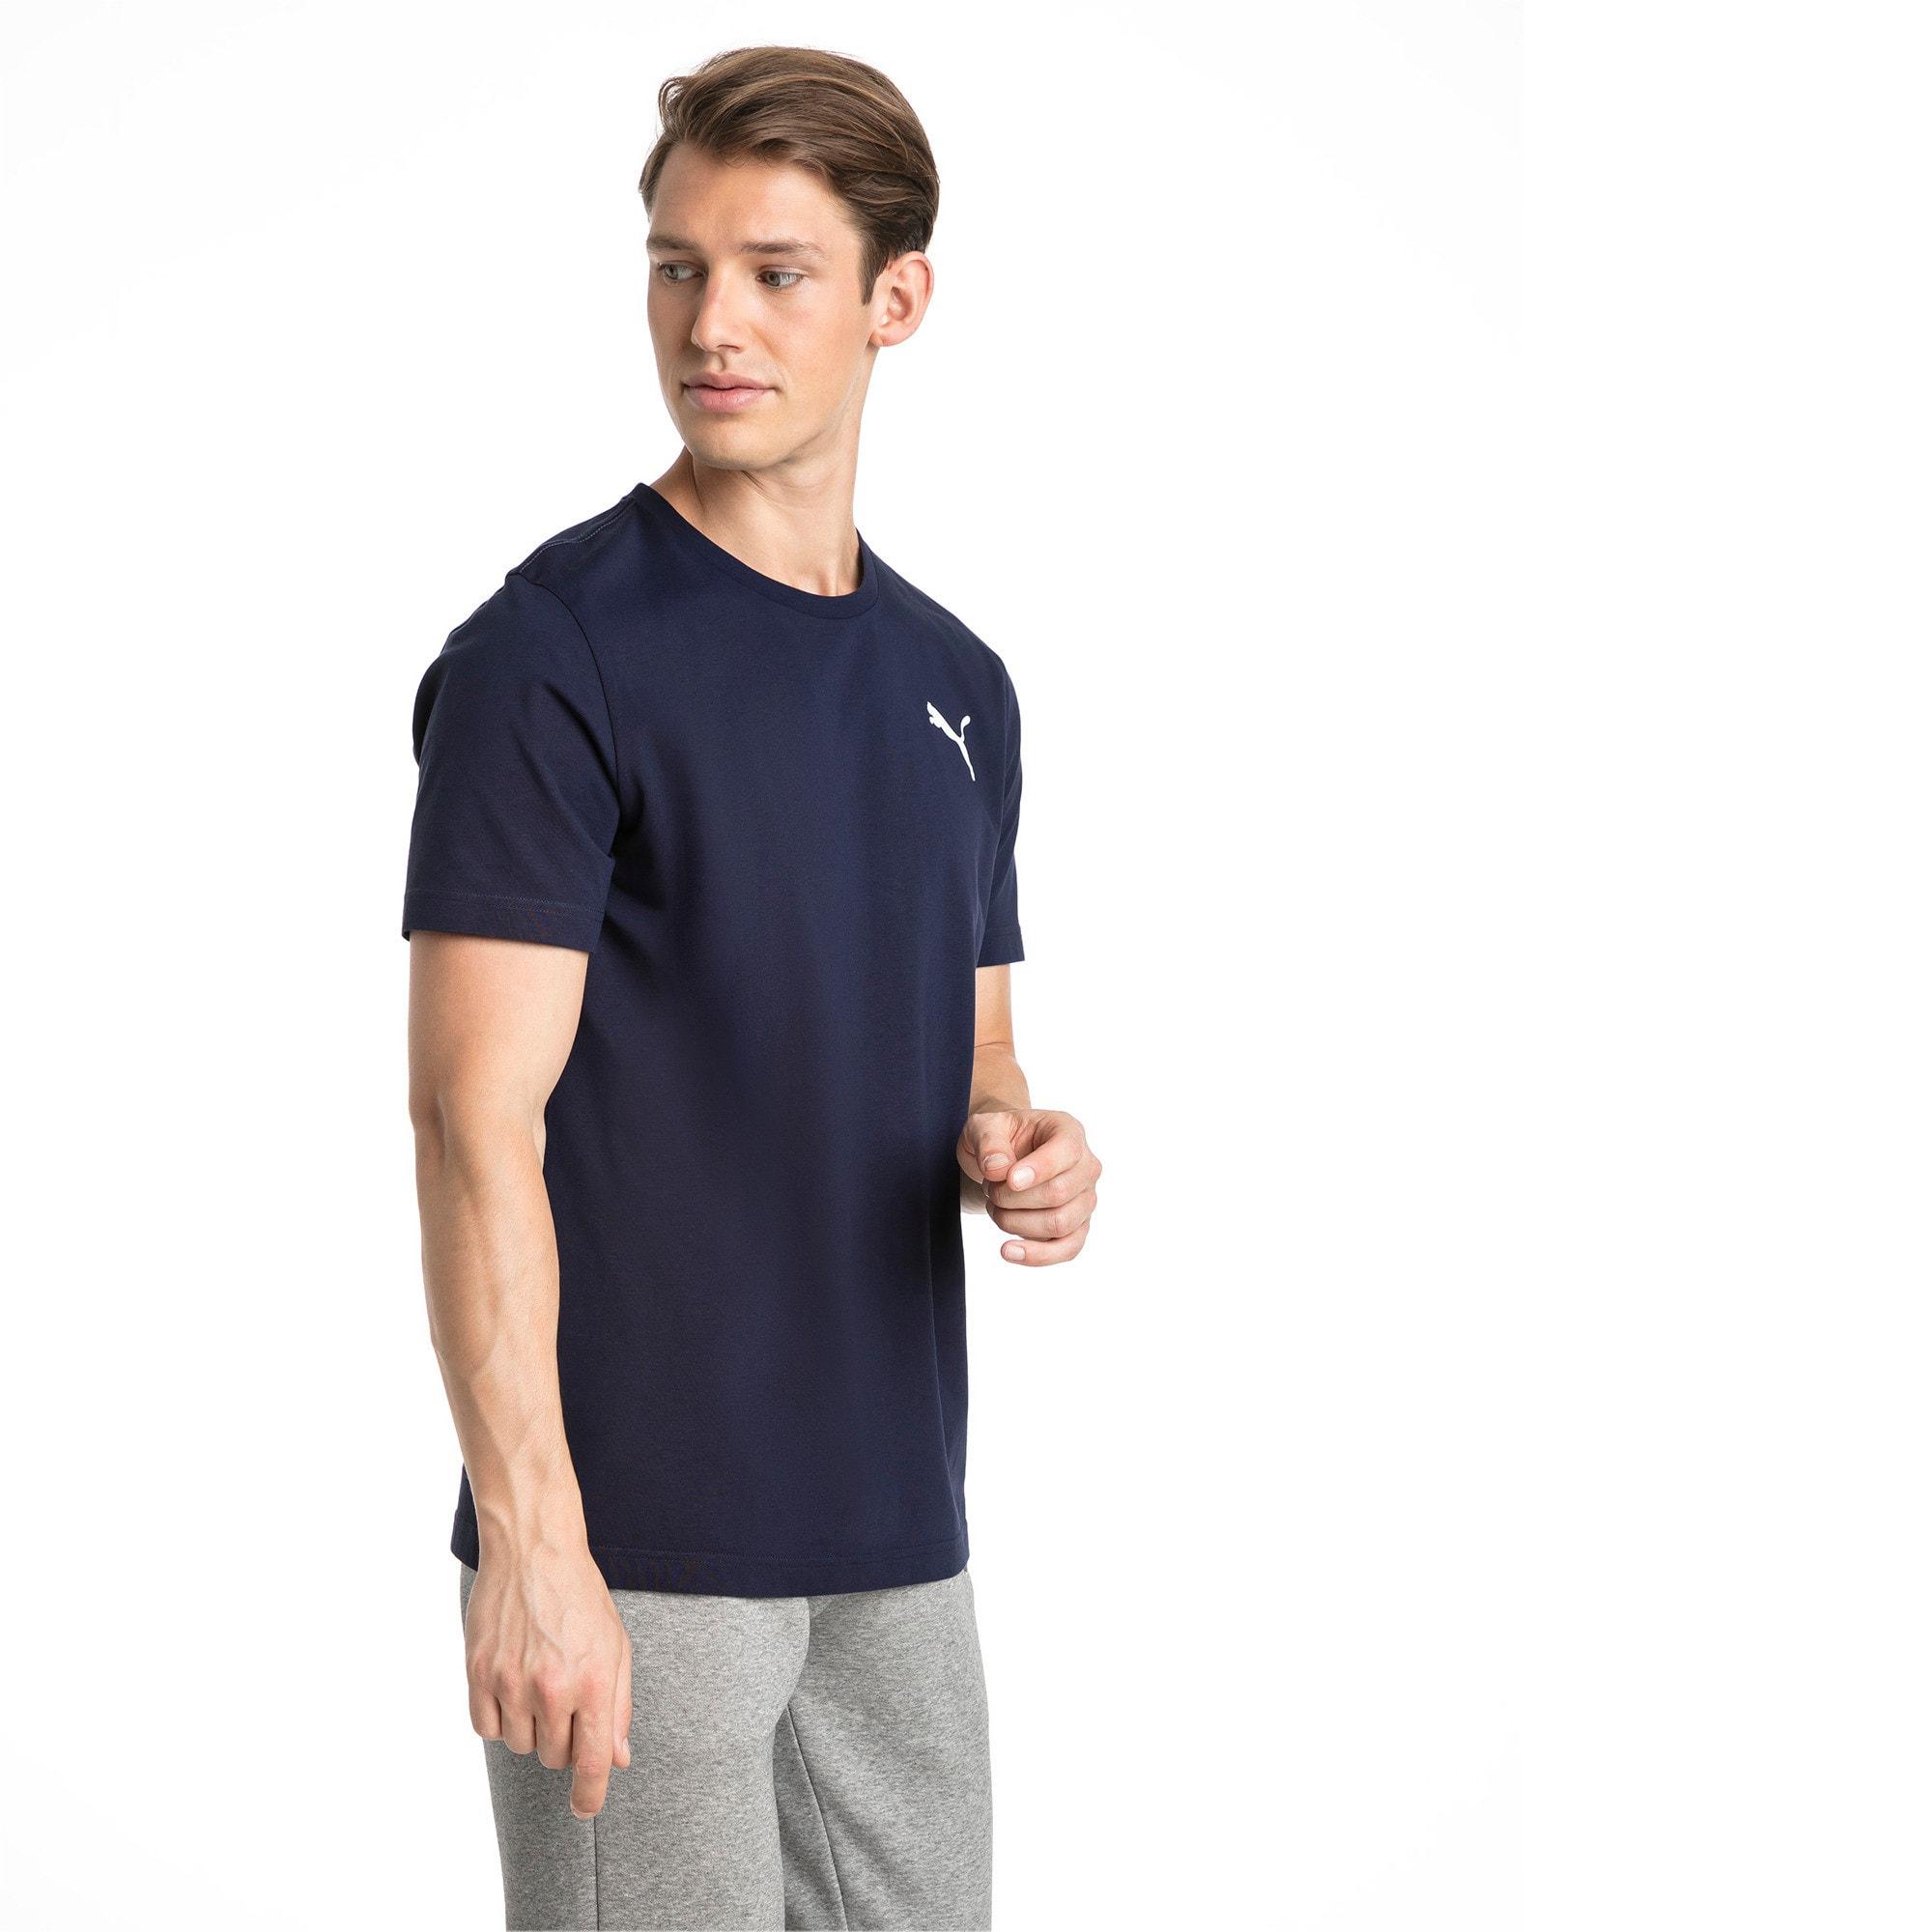 Thumbnail 1 of T-shirt con logo piccolo Essentials uomo, Peacoat-_Cat, medium